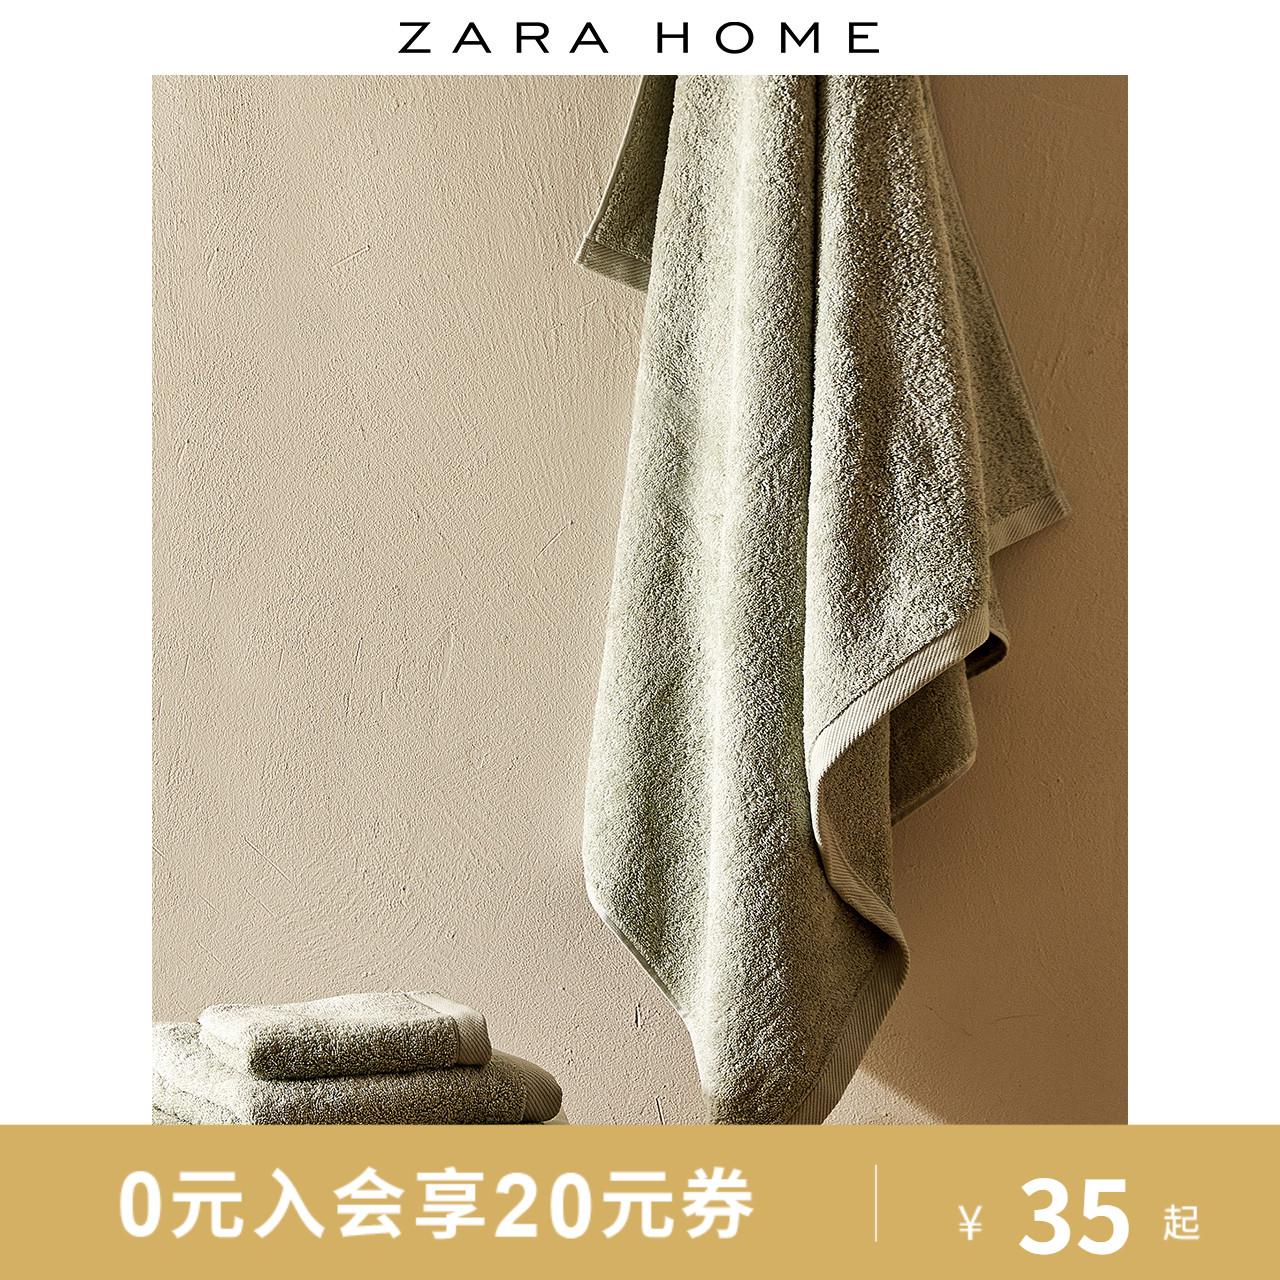 Khăn sinh thái Zara Home 44506013508 - Khăn tắm / áo choàng tắm